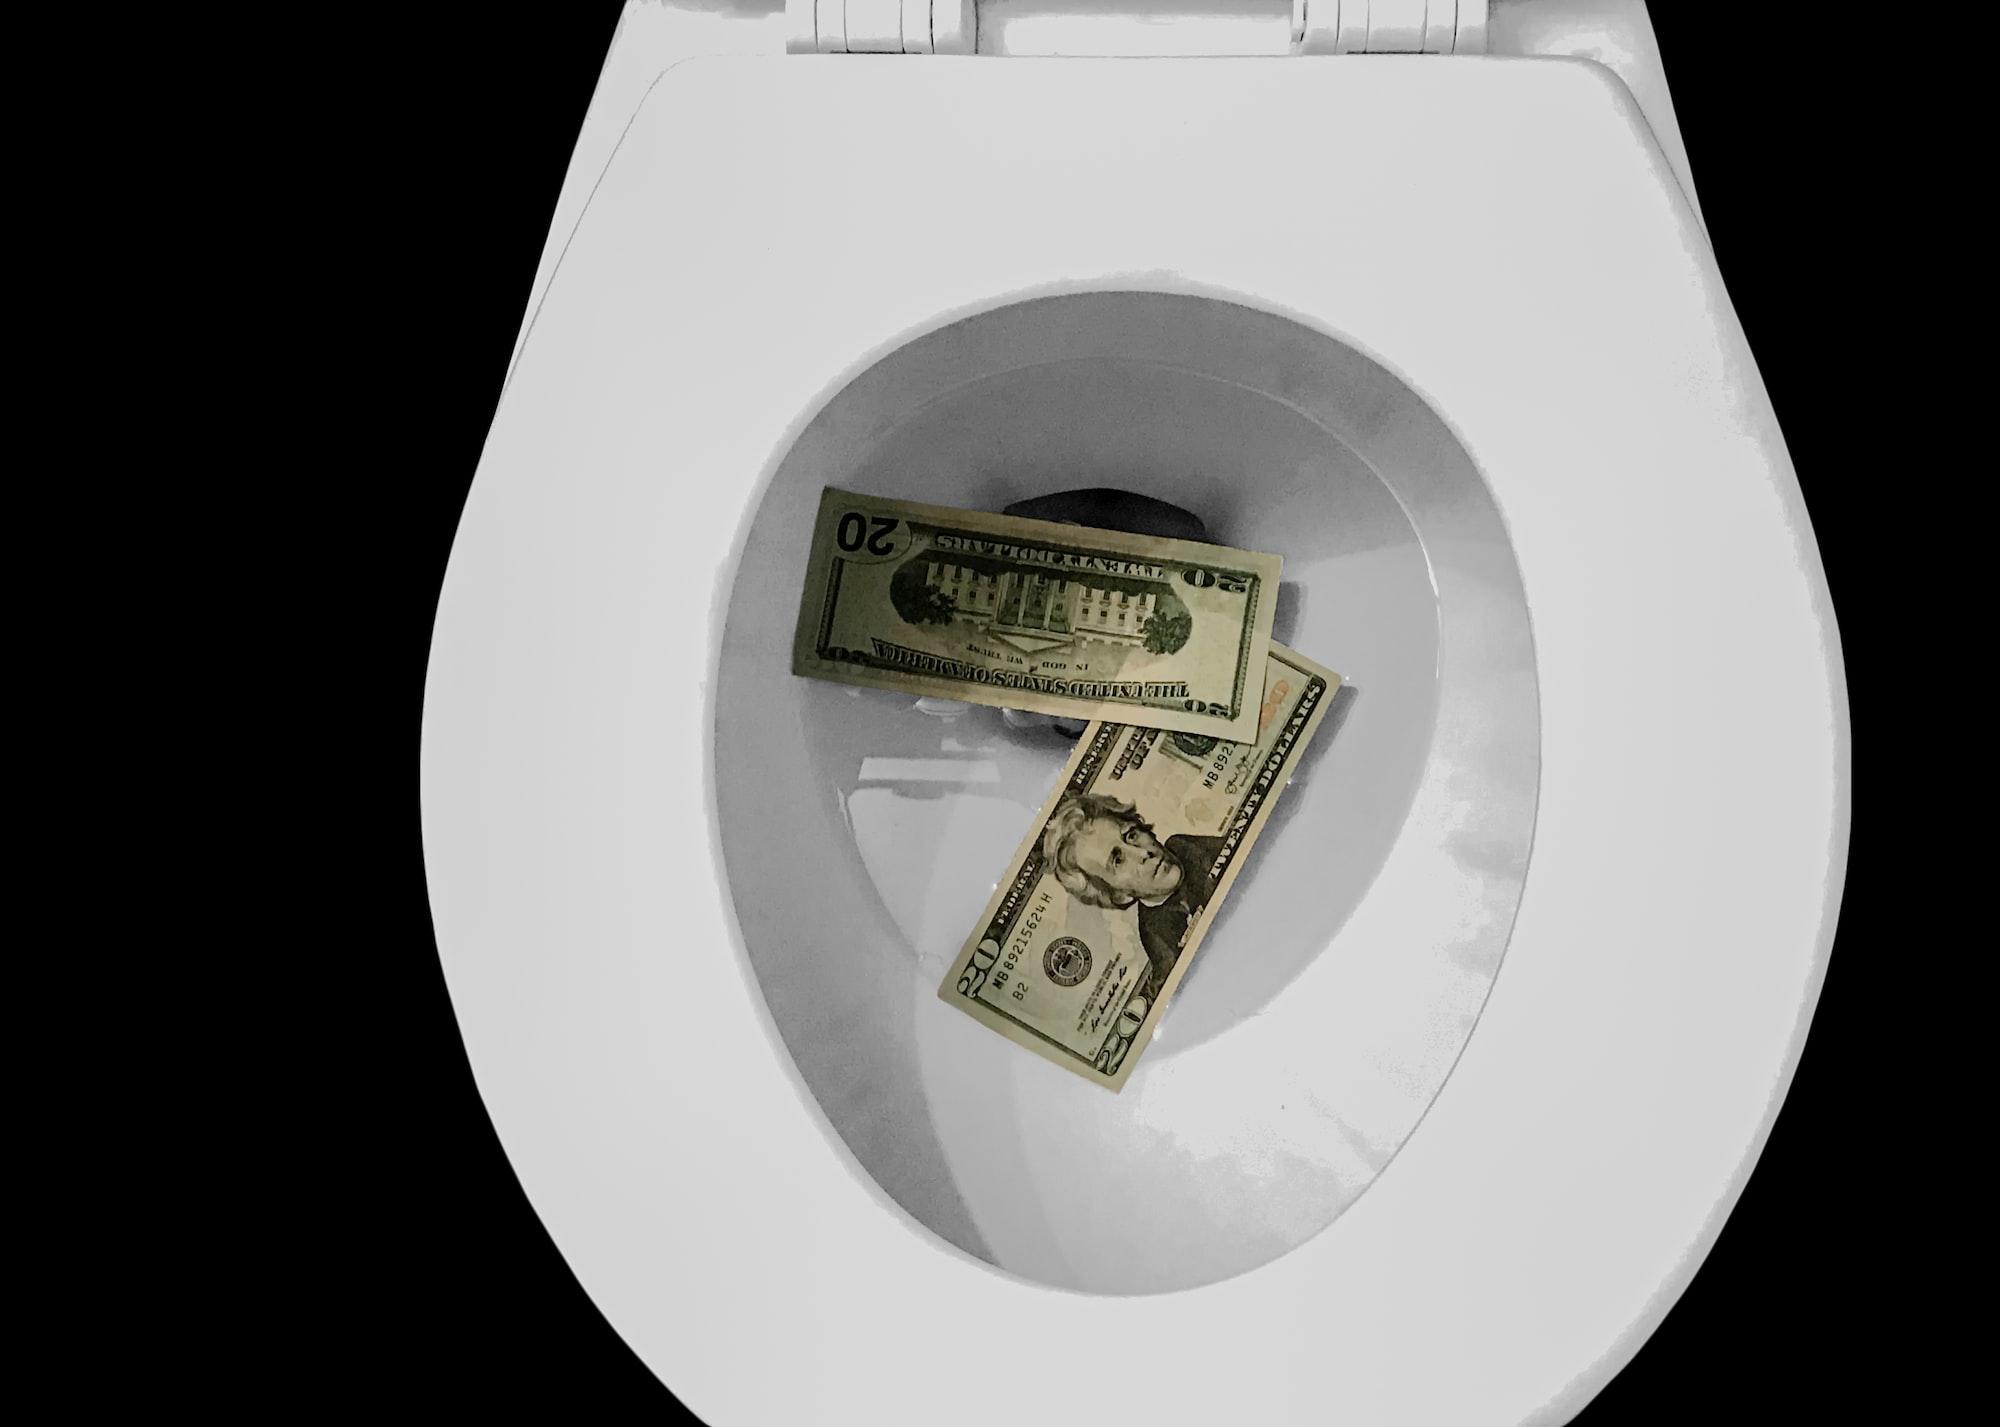 มูลค่าคริปโตจากการฟอกเงินในช่วงปีที่ผ่านมากถึง 1.4 พันล้านดอลลาร์